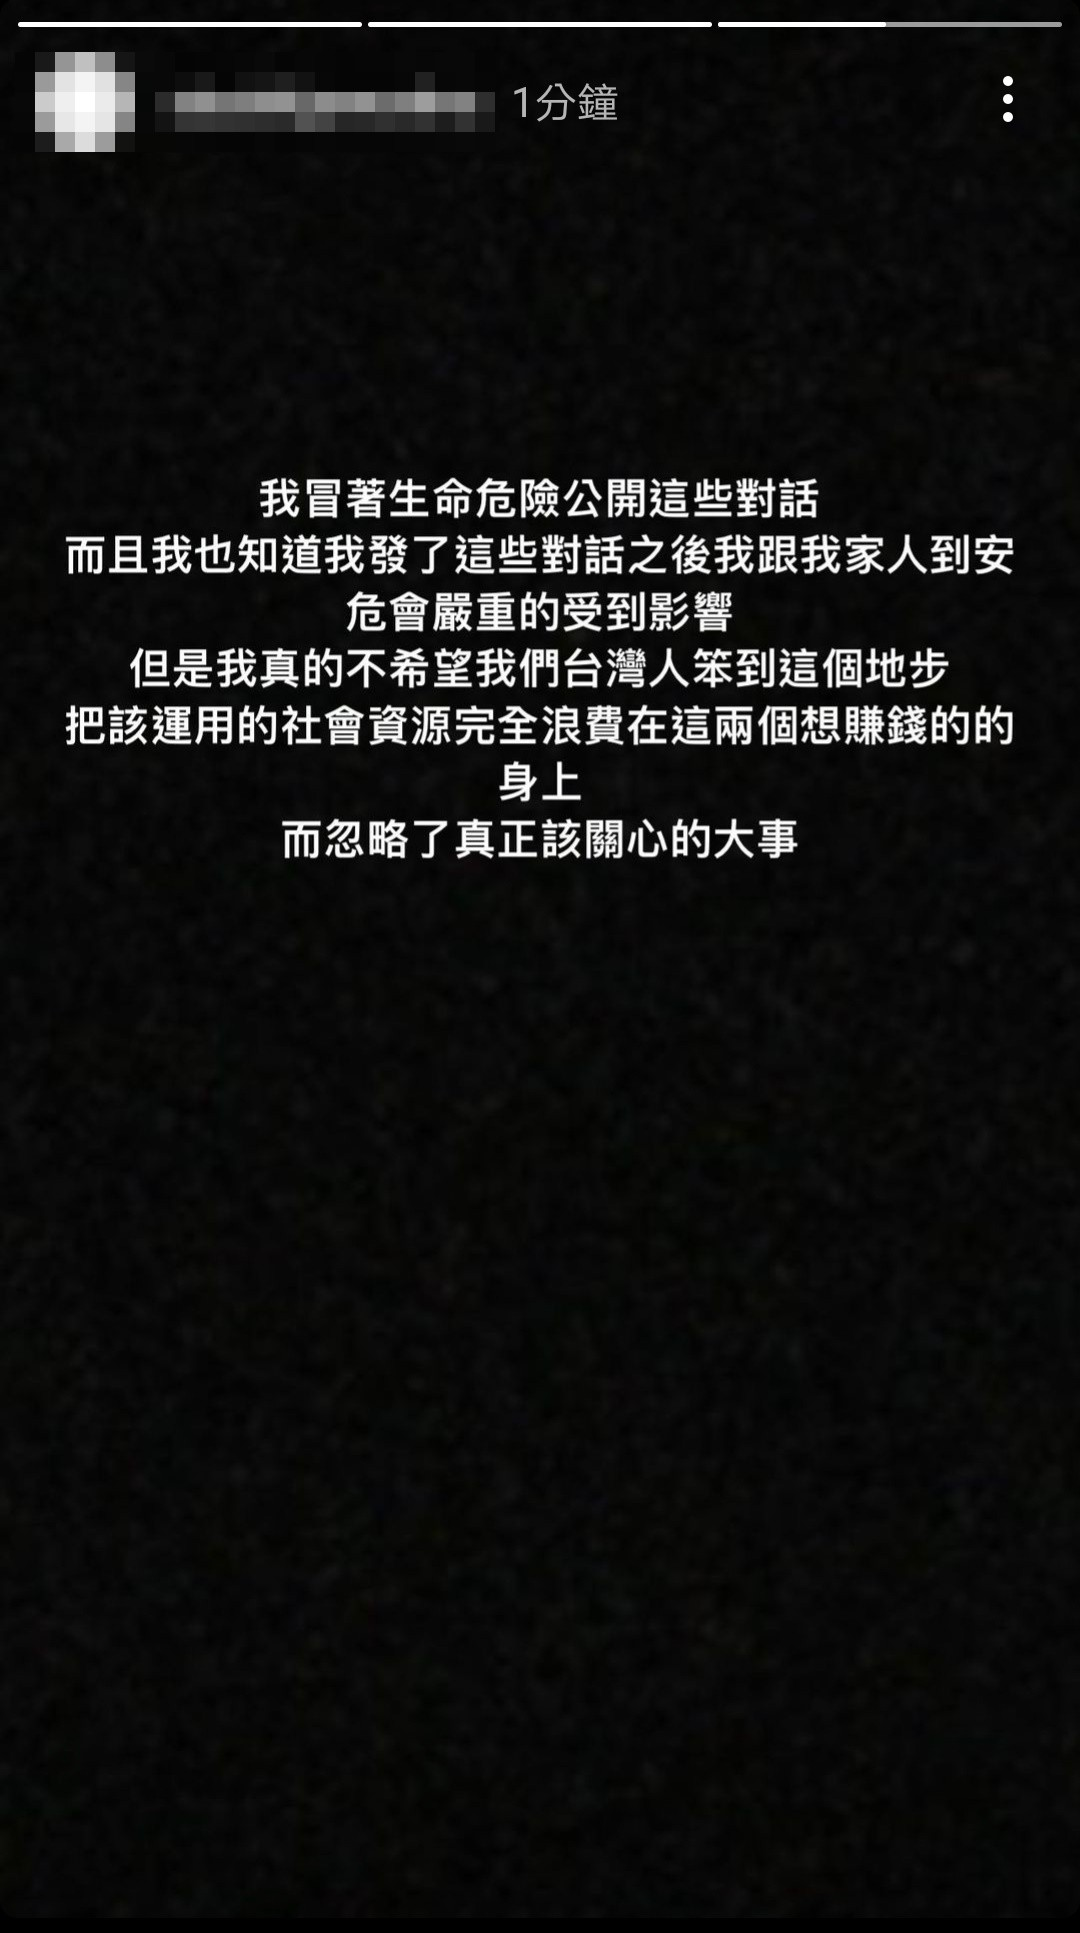 網友套話罔腰男友teddy(圖/翻攝ig)